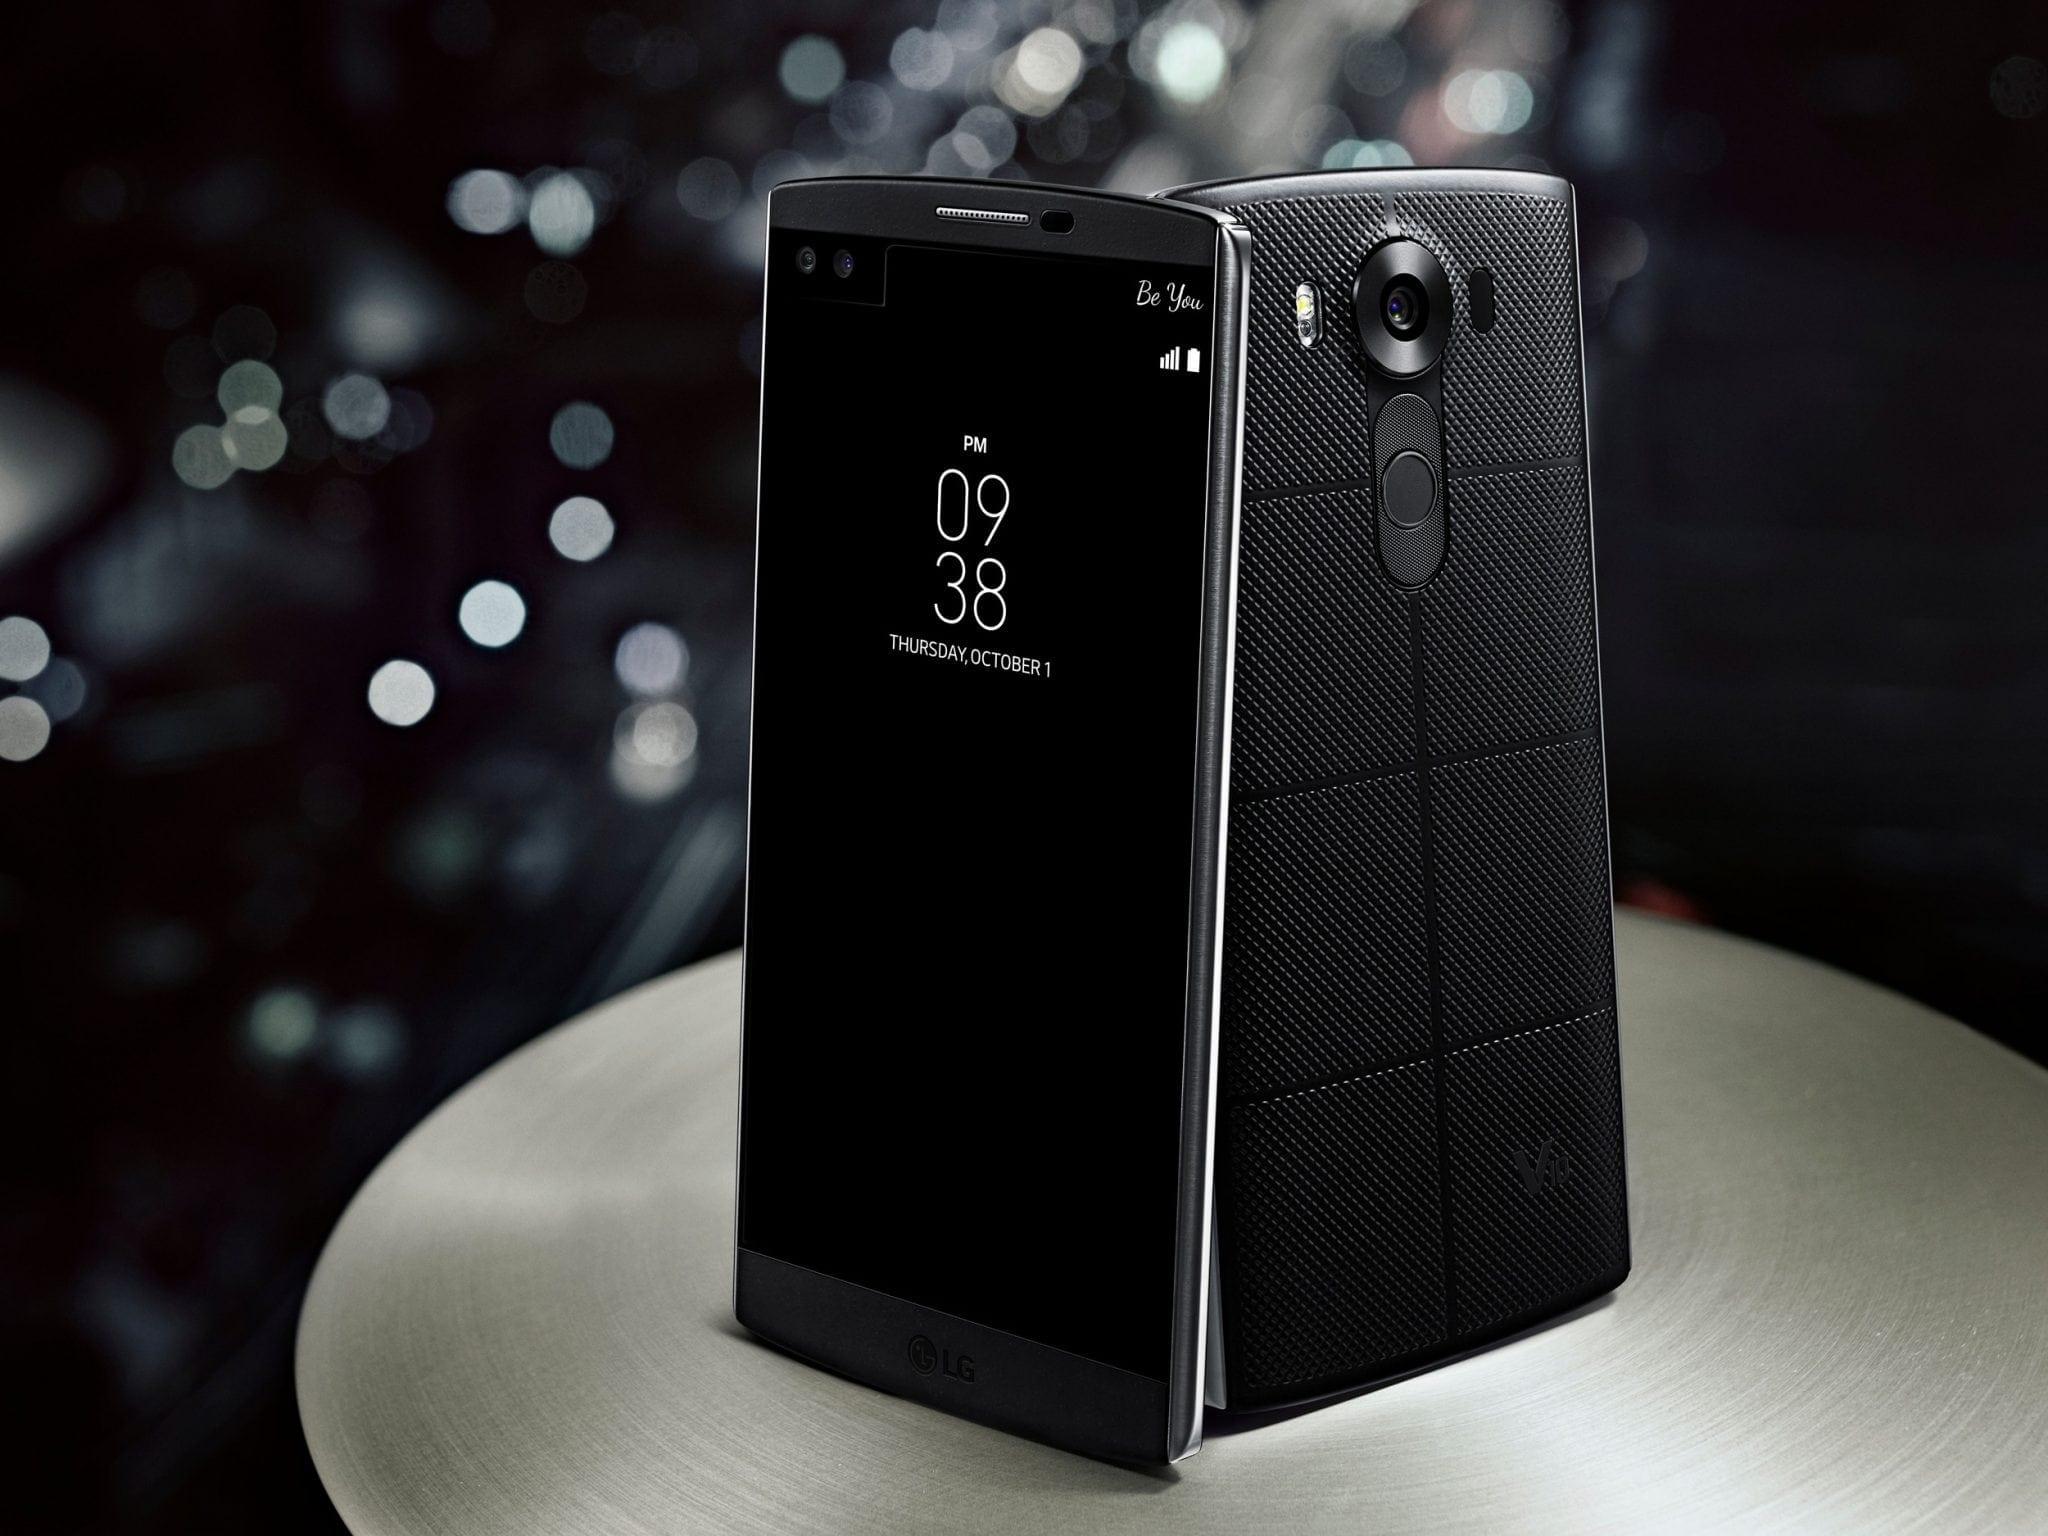 LG V10 a fost prezentat oficial, smartphone-ul vine cu display secundar și două camere frontale